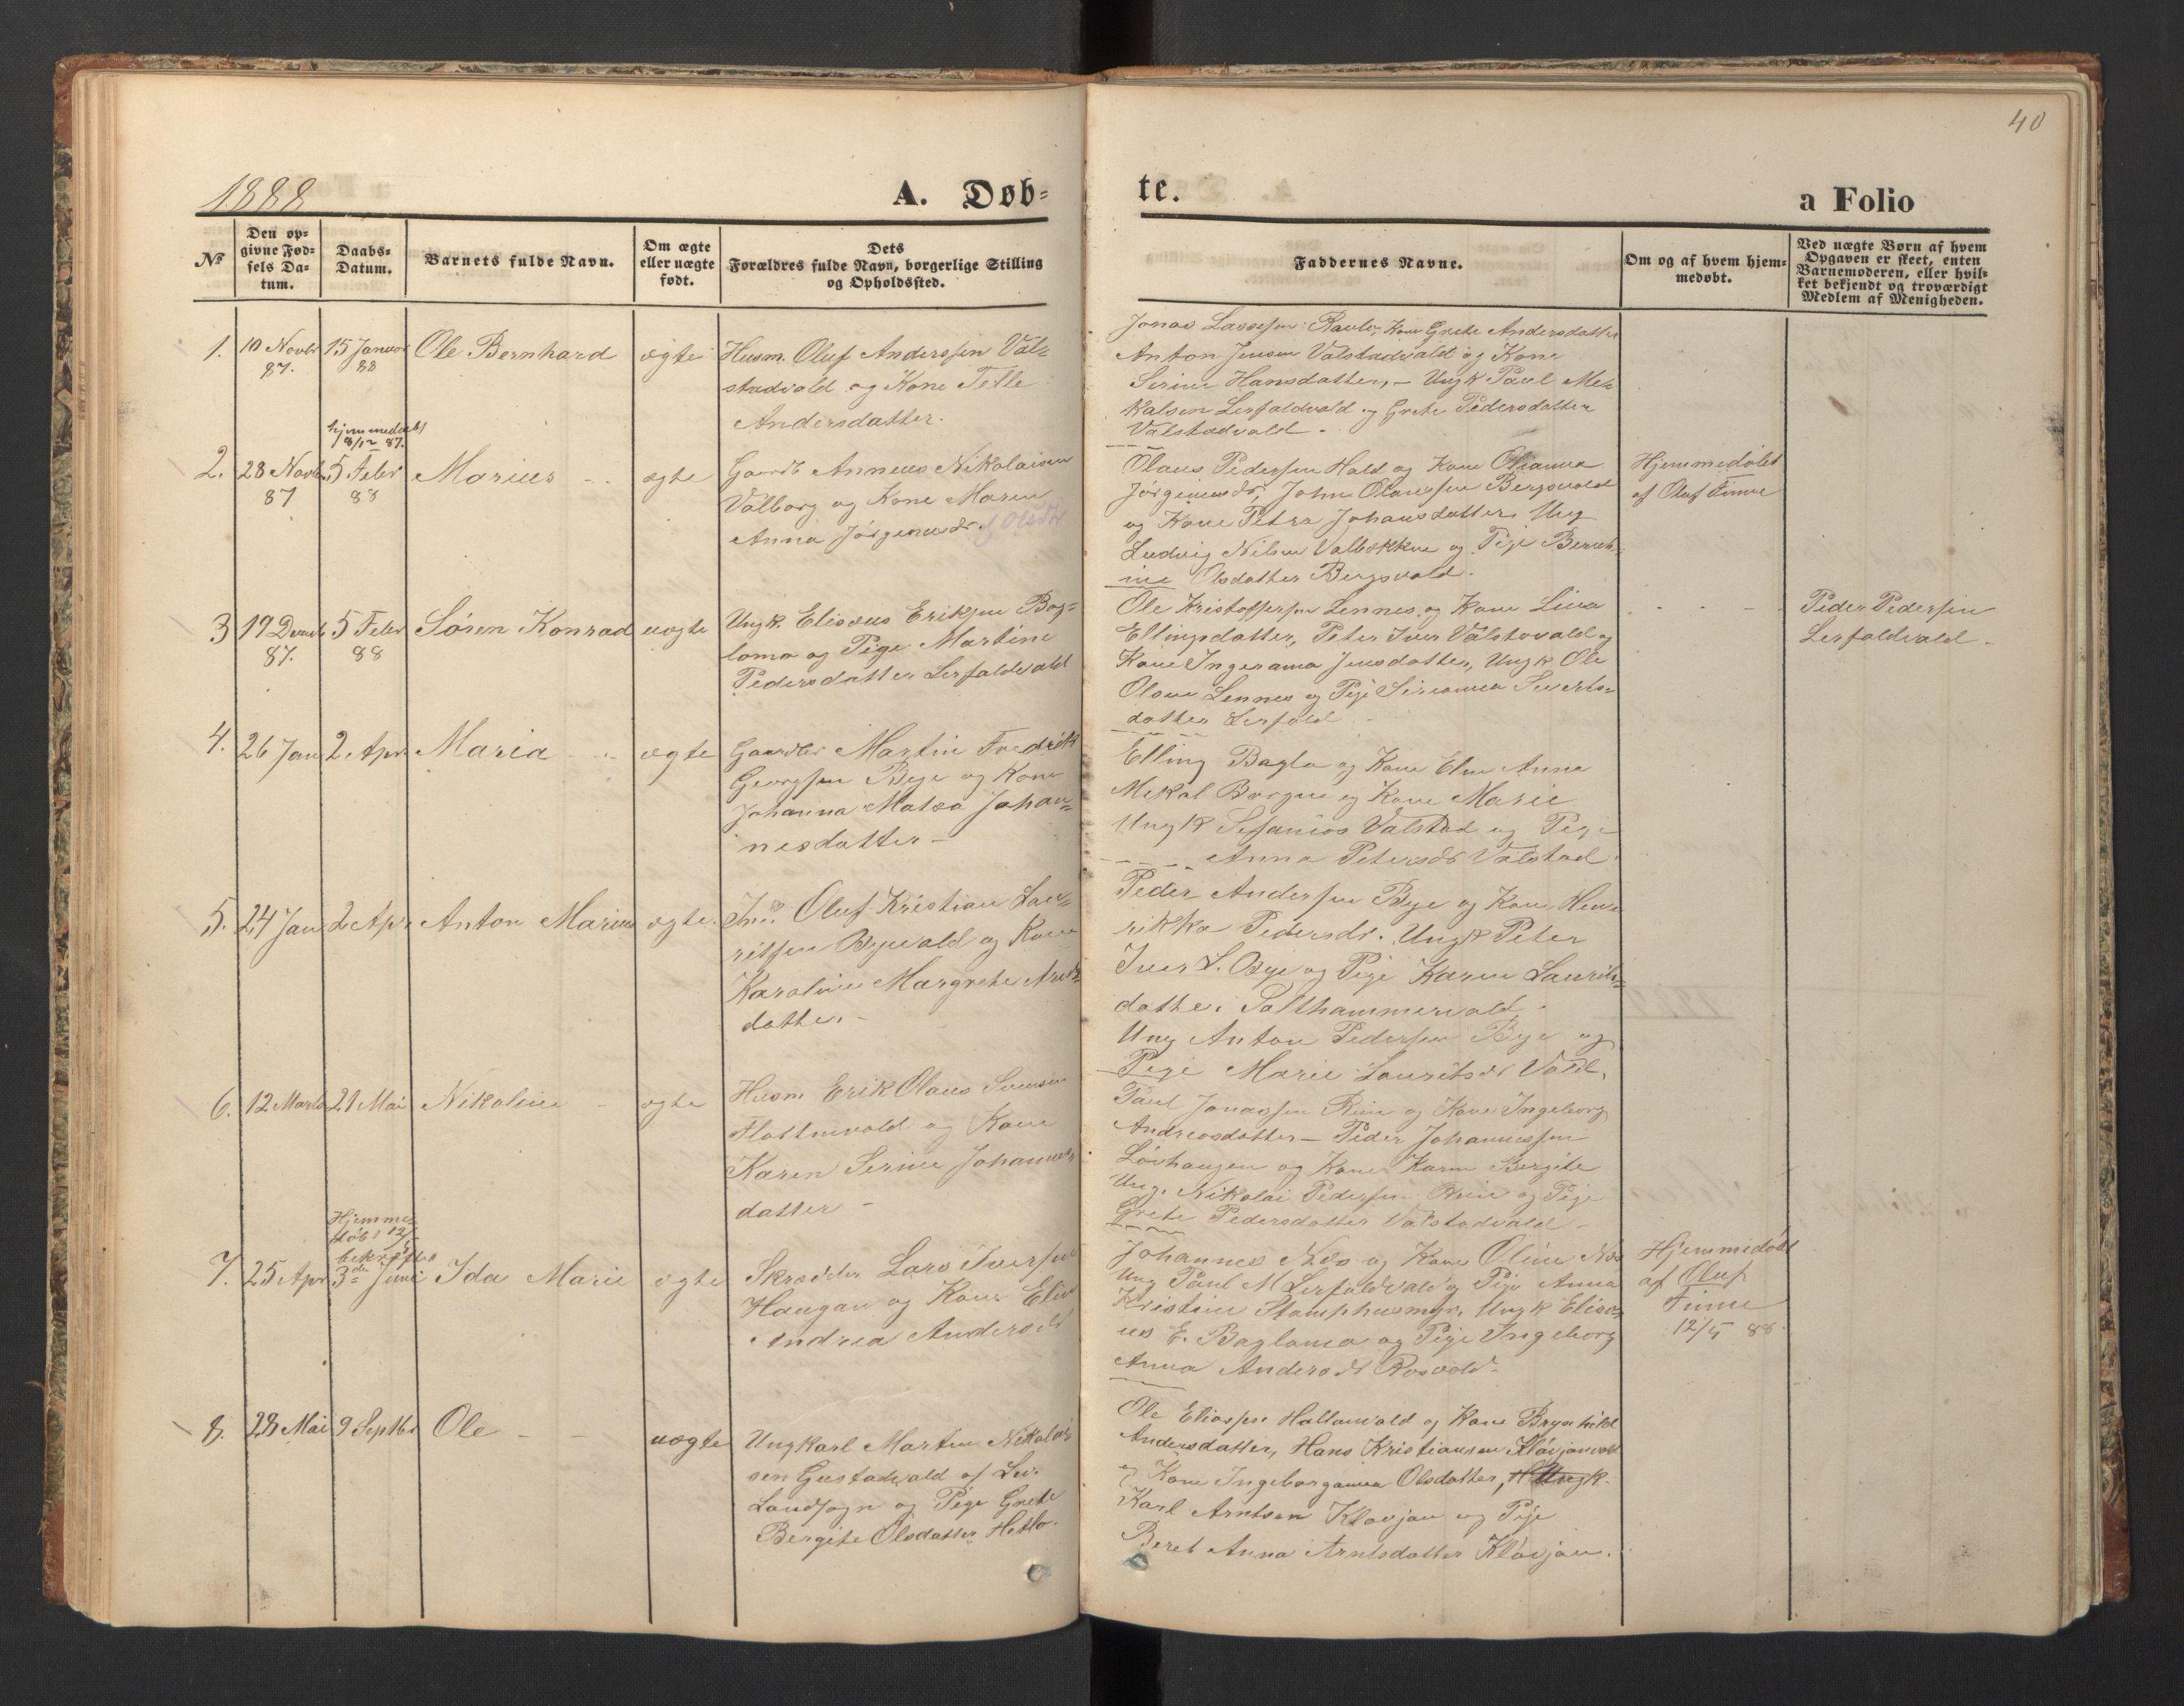 SAT, Ministerialprotokoller, klokkerbøker og fødselsregistre - Nord-Trøndelag, 726/L0271: Klokkerbok nr. 726C02, 1869-1897, s. 40